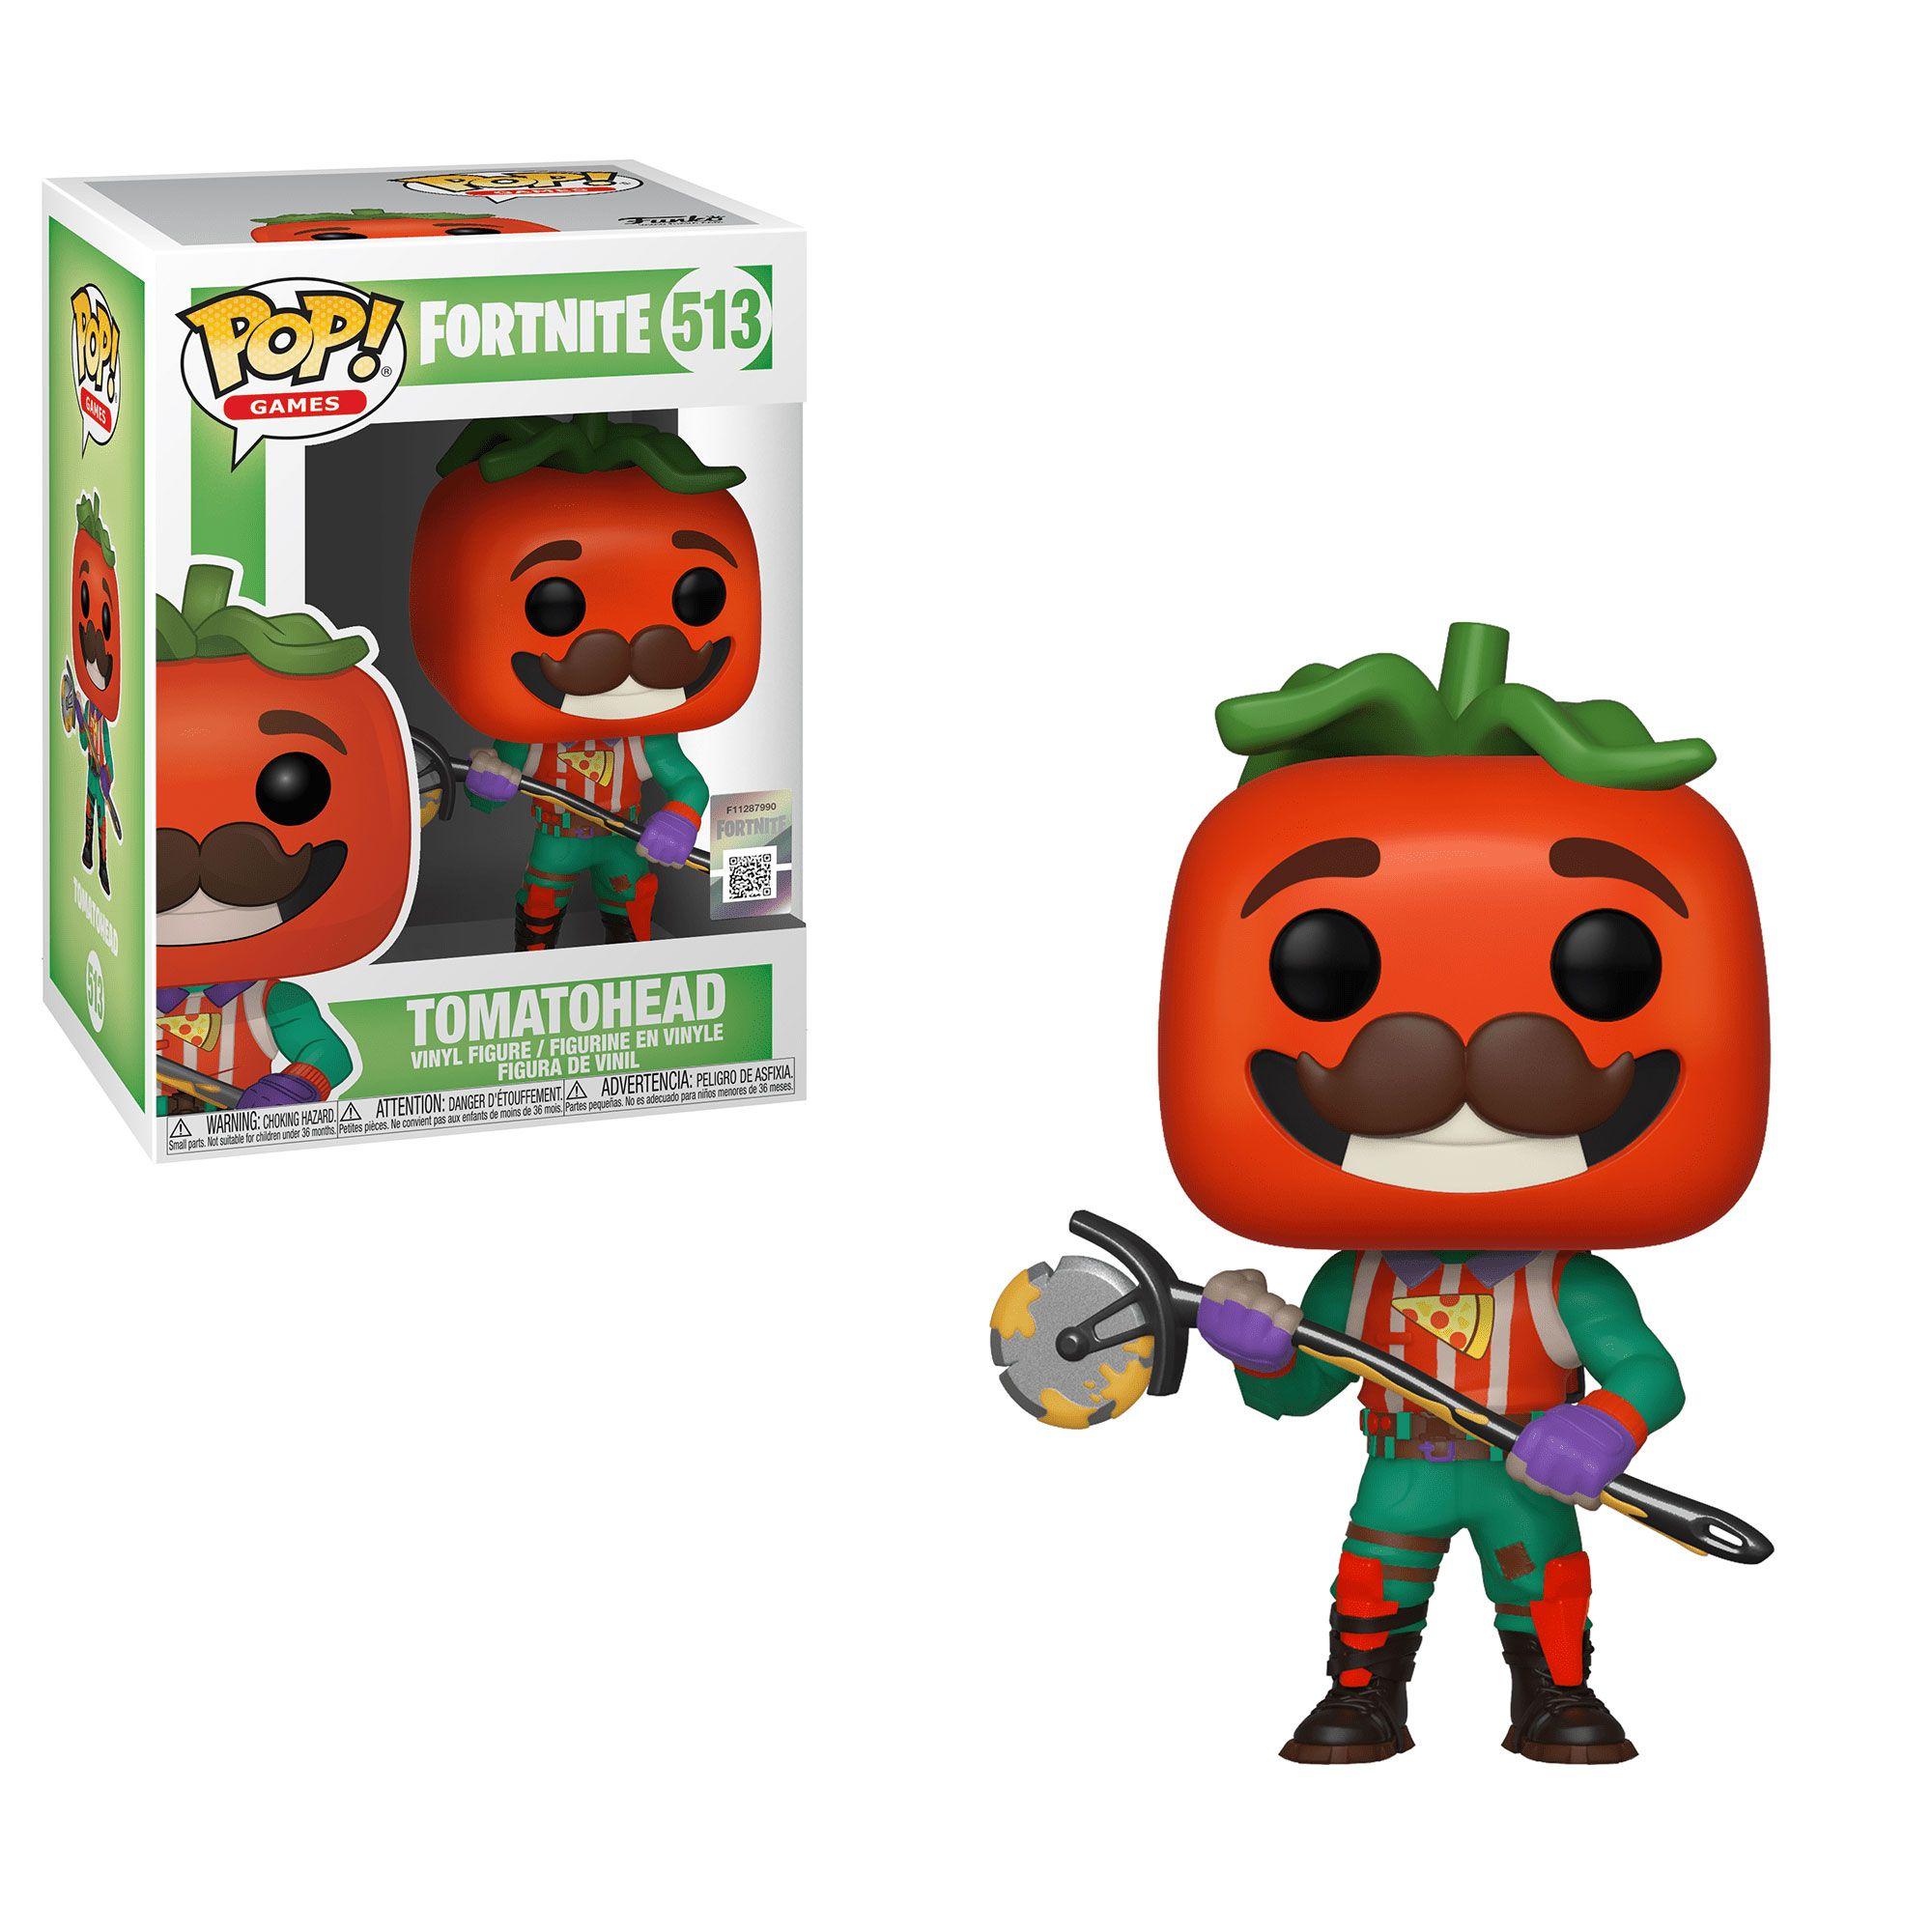 Tomatohead #513 - Fortnite - Funko Pop! Games